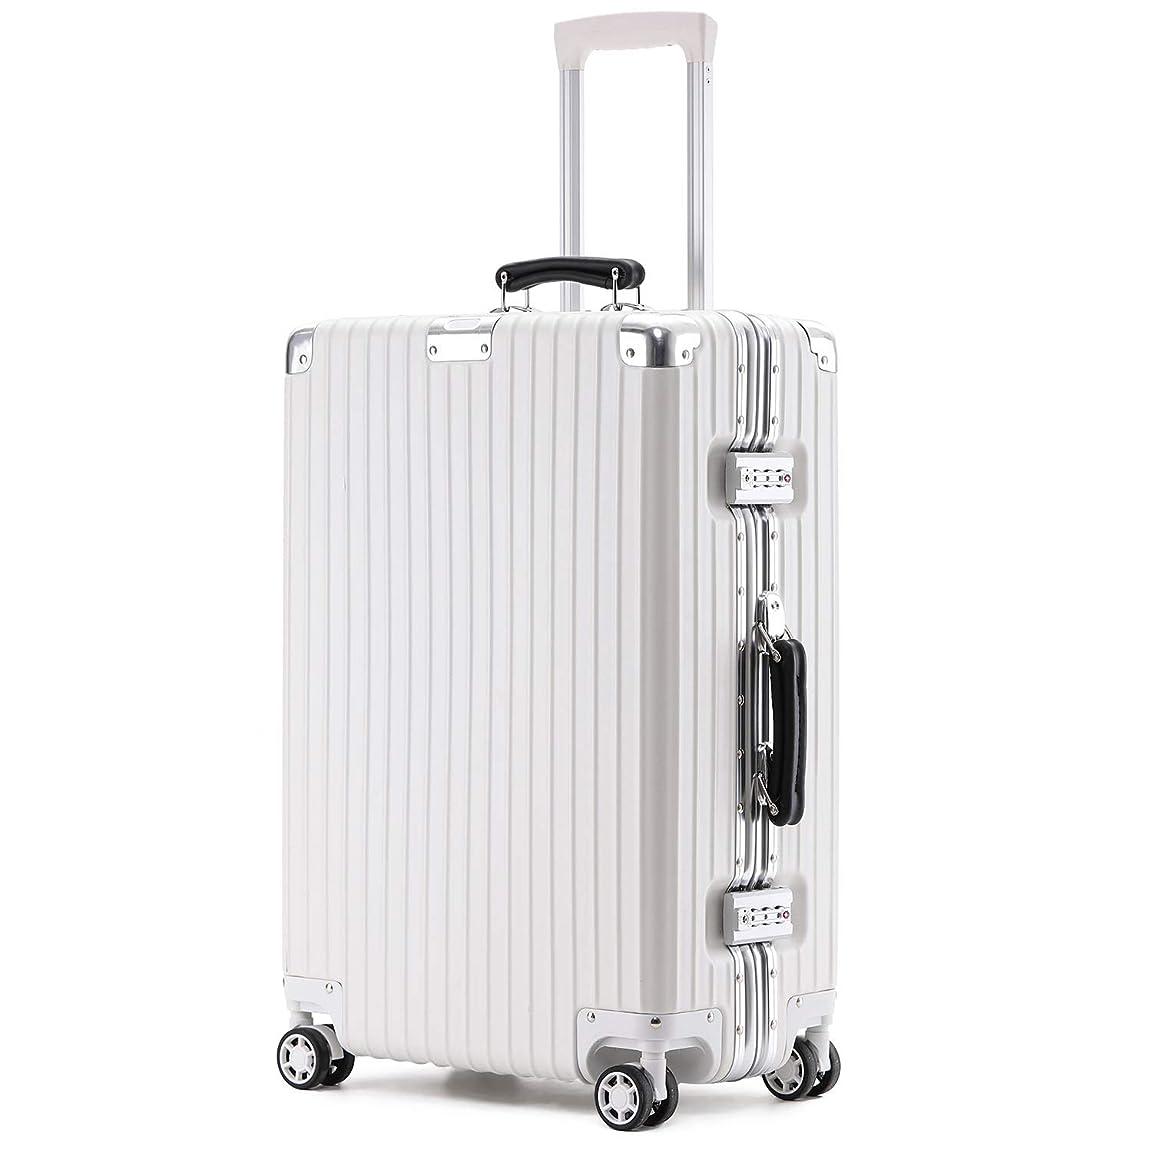 プレゼンターデッドロックファンブルkroeus(クロース)スーツケース キャリーケース ABS+PCボディ 革製ハンドル 復古主義 エンボス加工 TSAロック搭載 海外旅行 出張 Sサイズ機内持ち込可 1年間保証付き